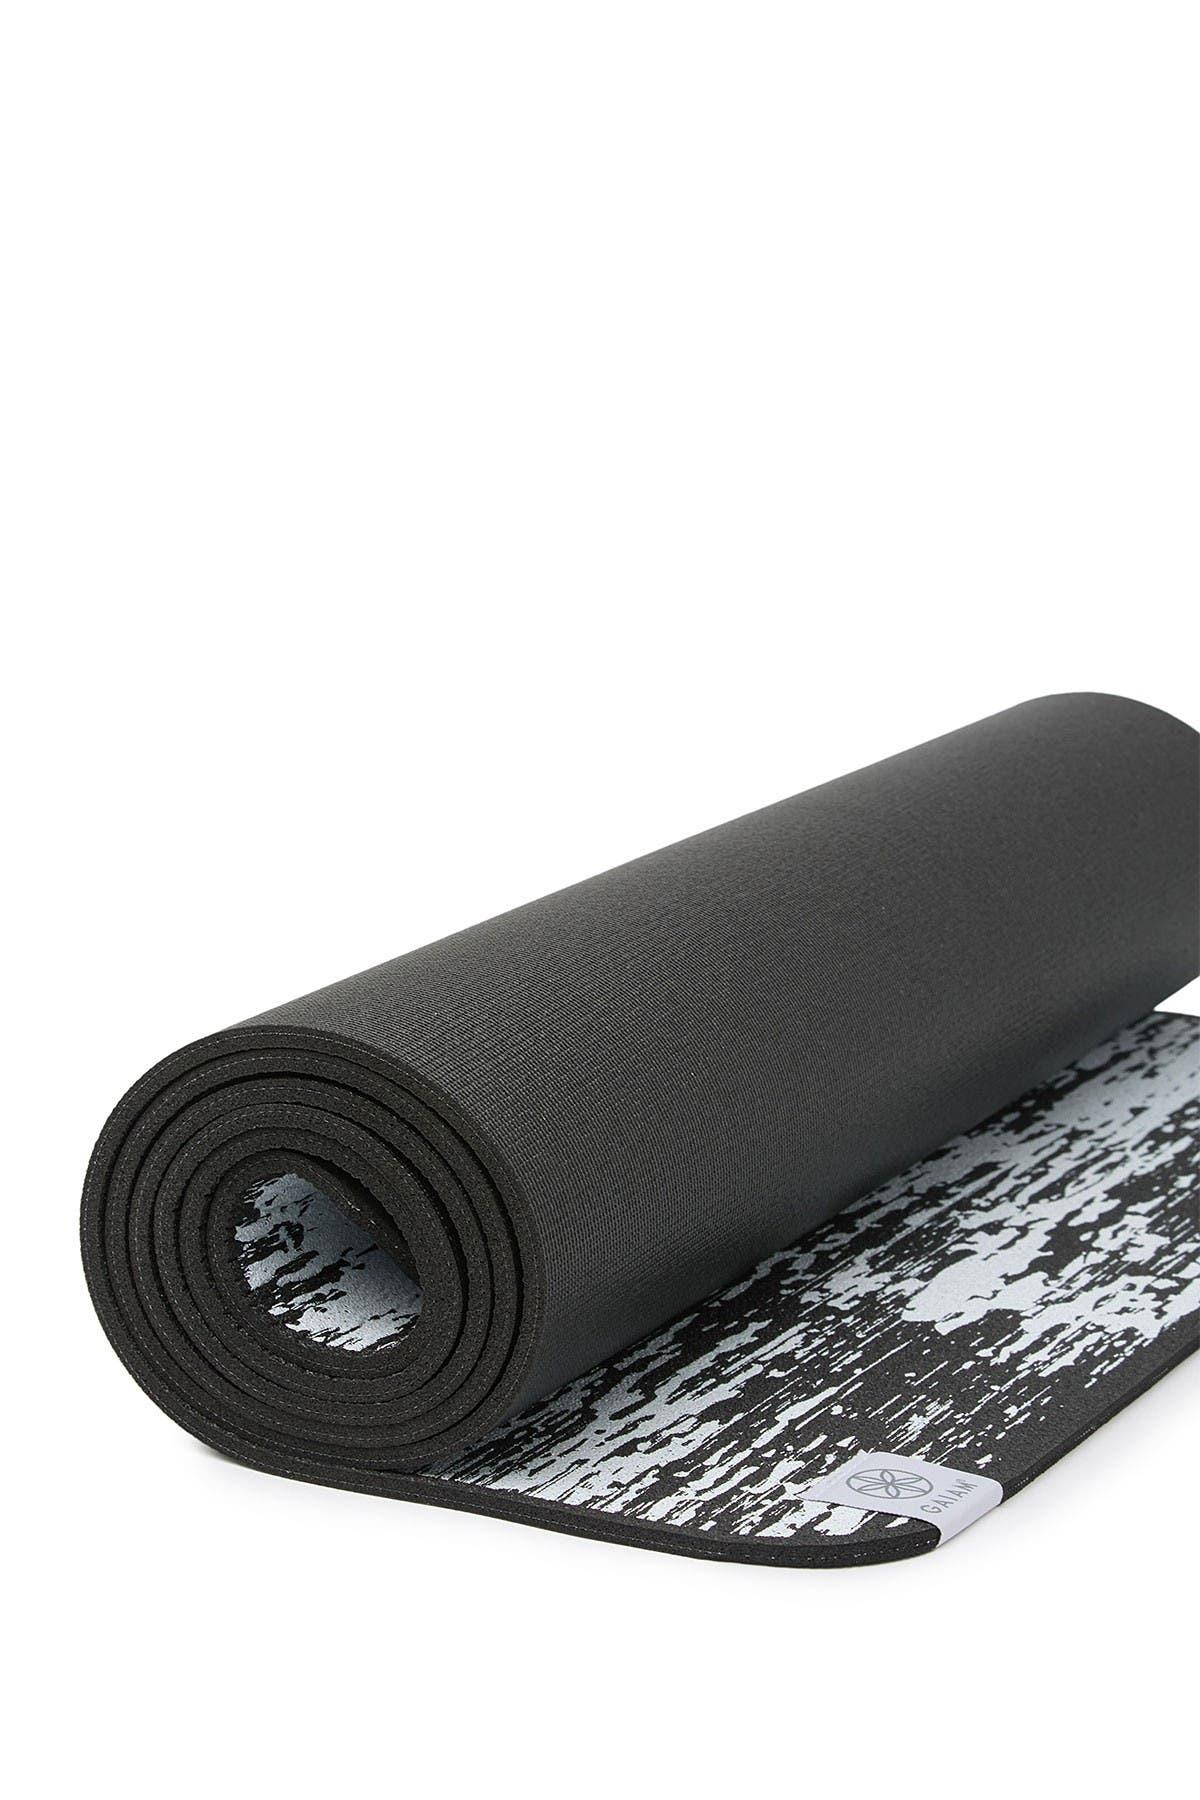 Image of Gaiam Insta-Grip Yoga Mat - 6MM